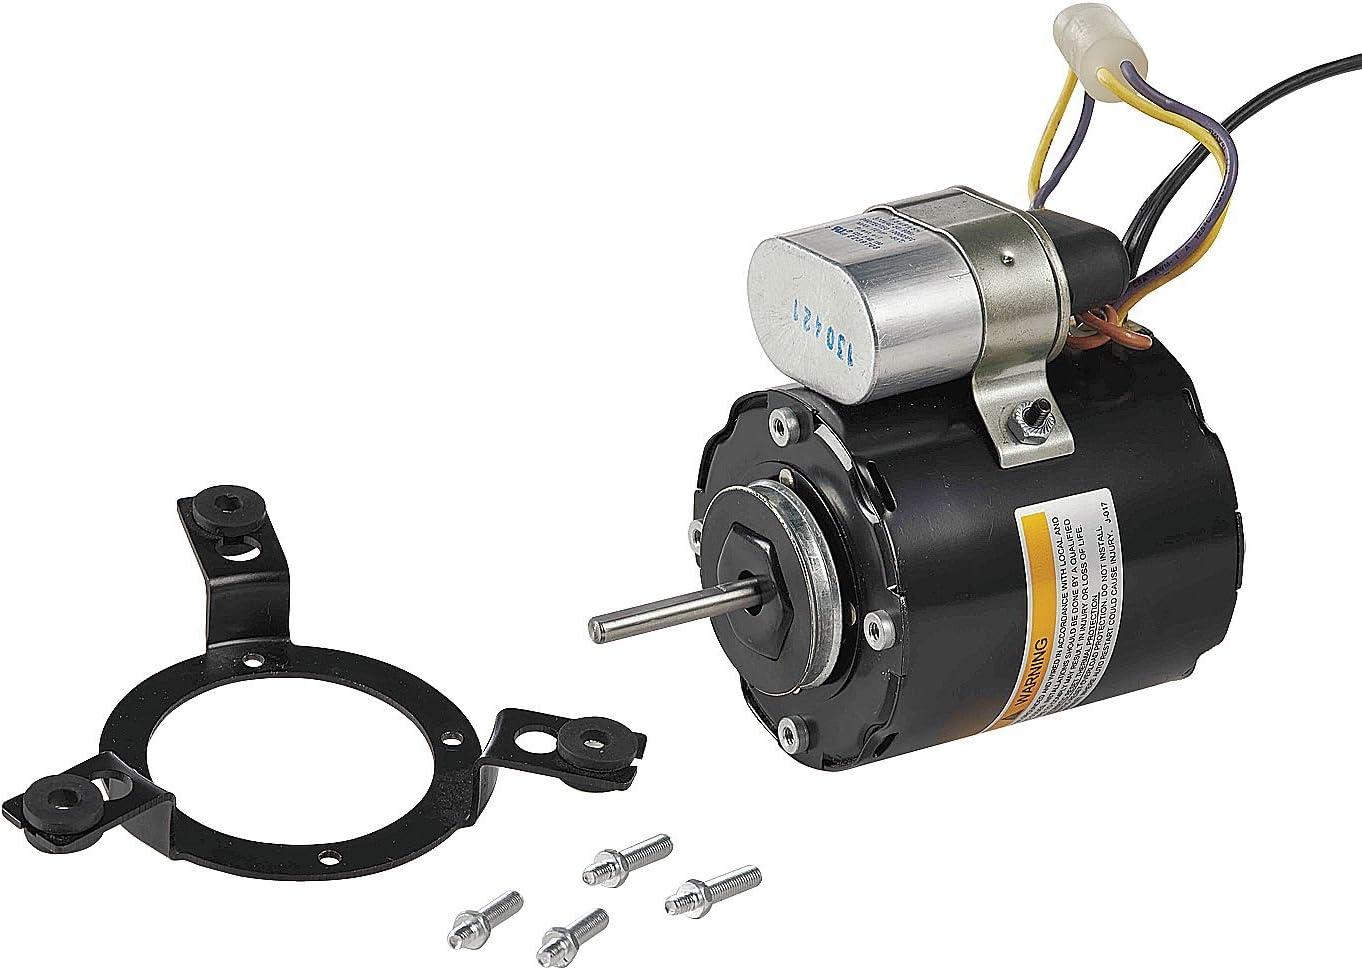 Motor HVAC, 1/20 CV, 1550 rpm, 120 V, 3.3: Amazon.es: Bricolaje y ...